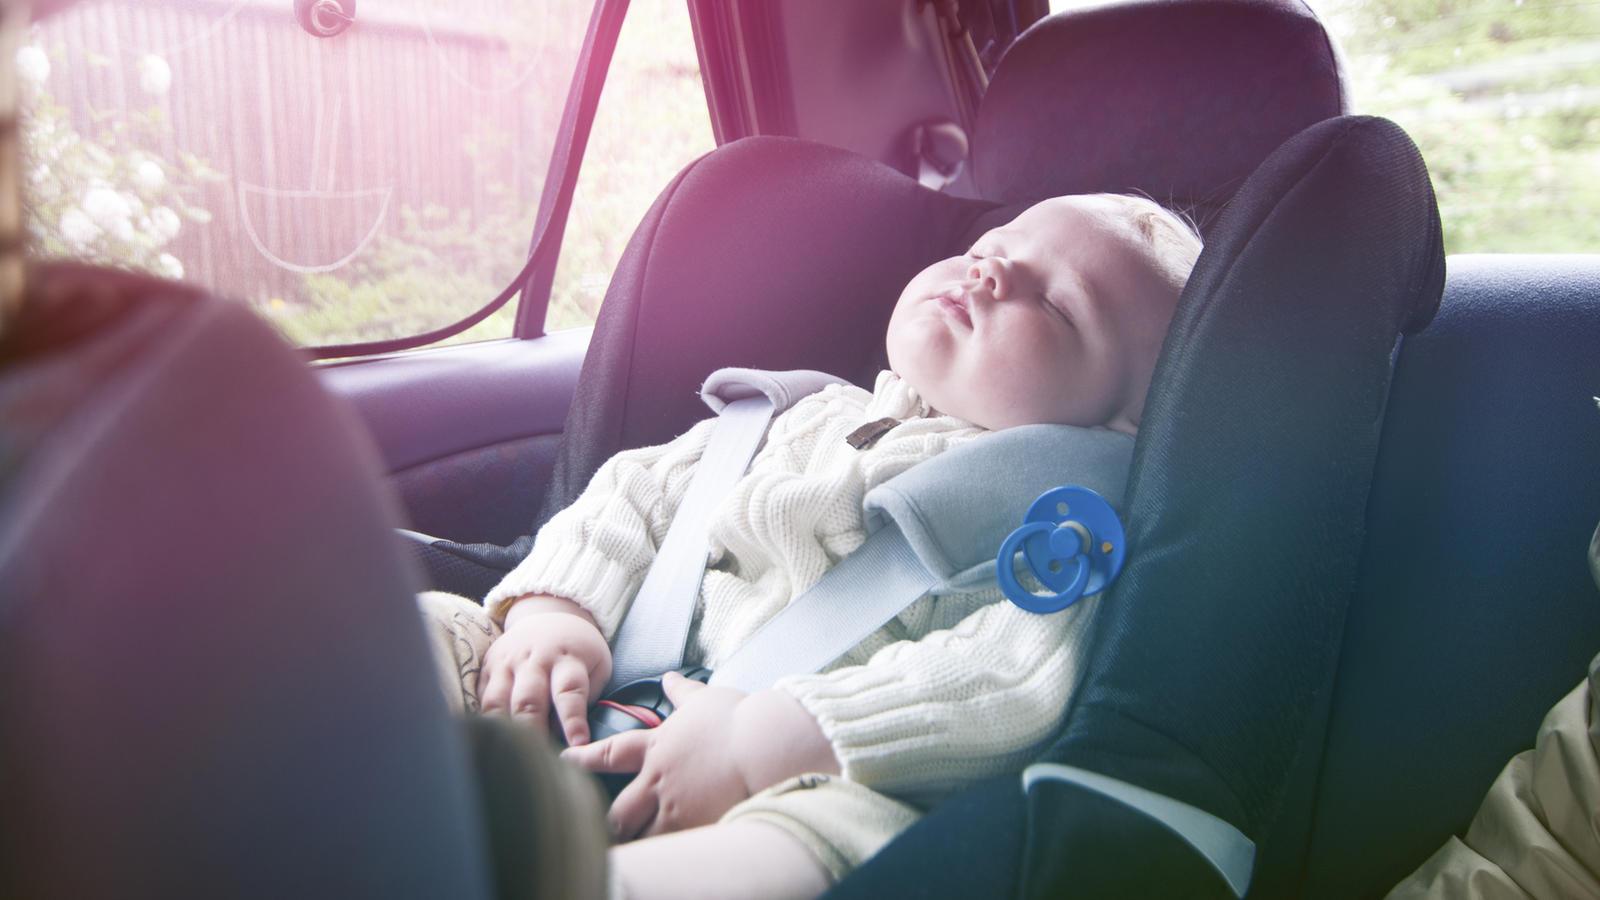 In Italien soll ein Warnsystem in Zukunft verhindern, dass Eltern ihre Kinder im heißen Auto vergessen. (Symbolbild)